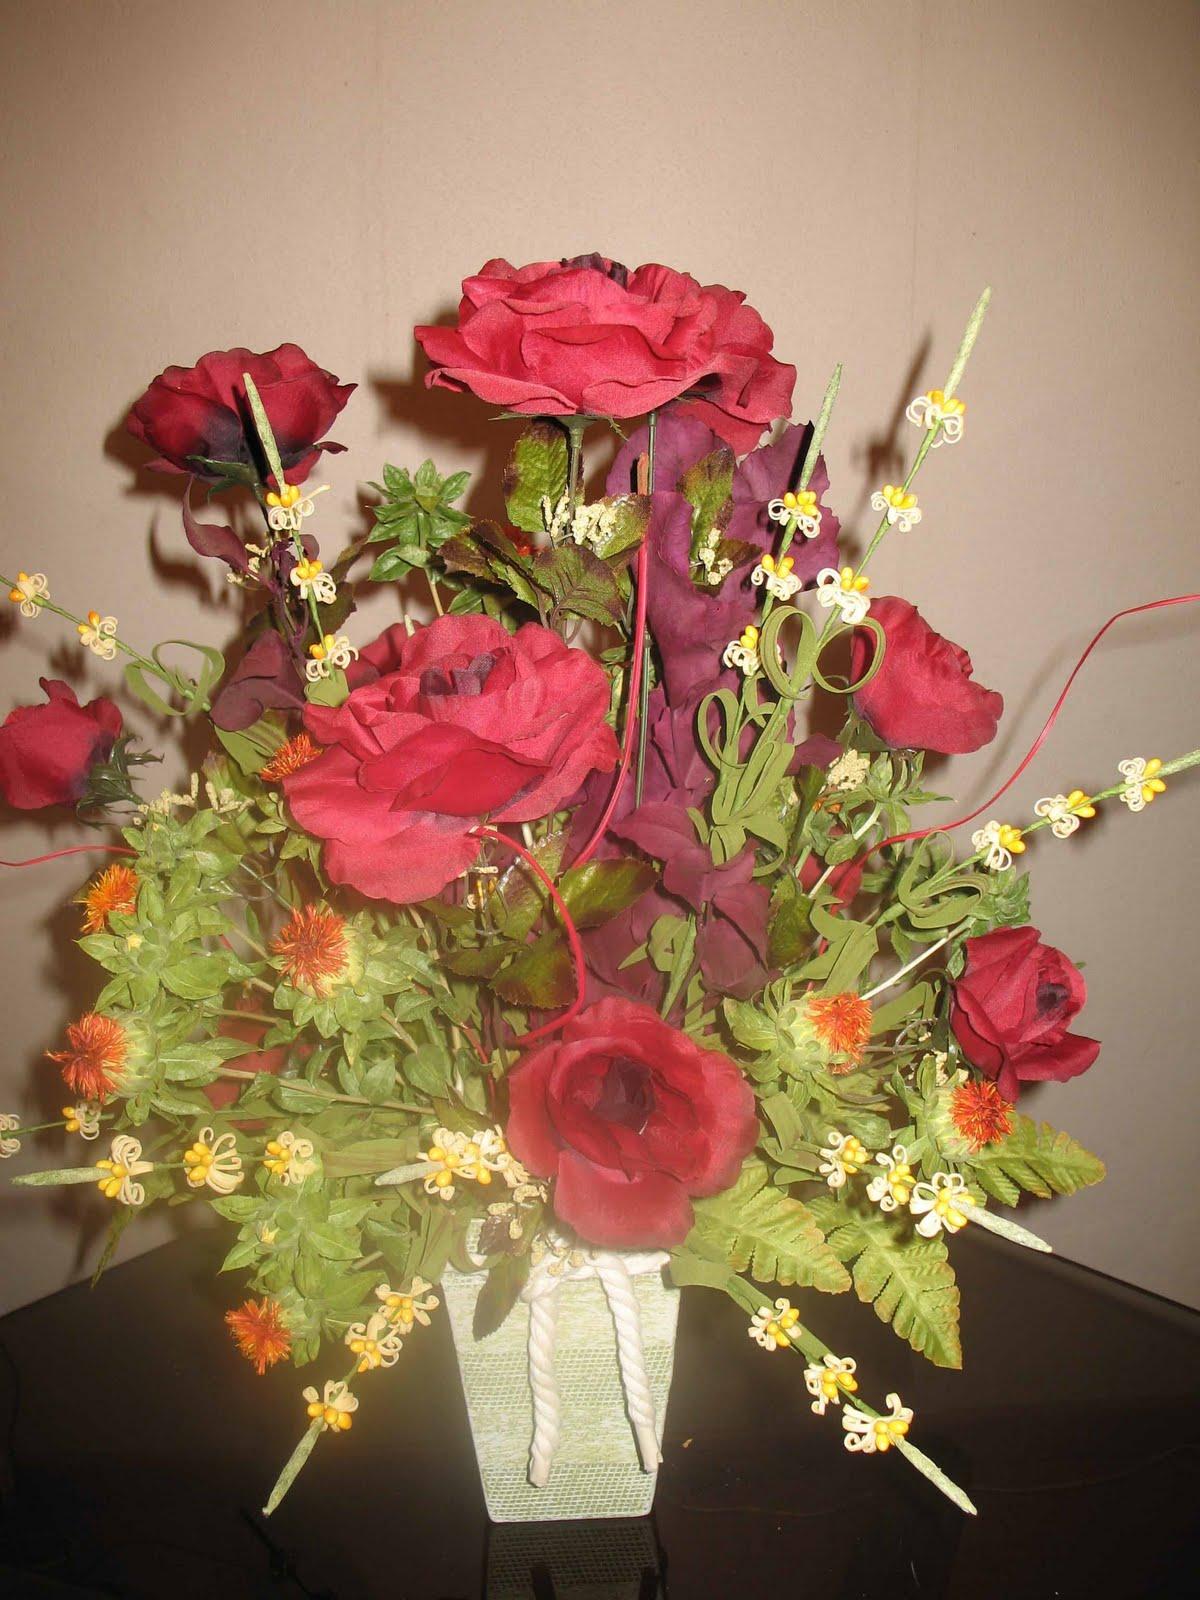 Pin arreglos flores naturales fotolog share and post - Arreglo de flores naturales ...